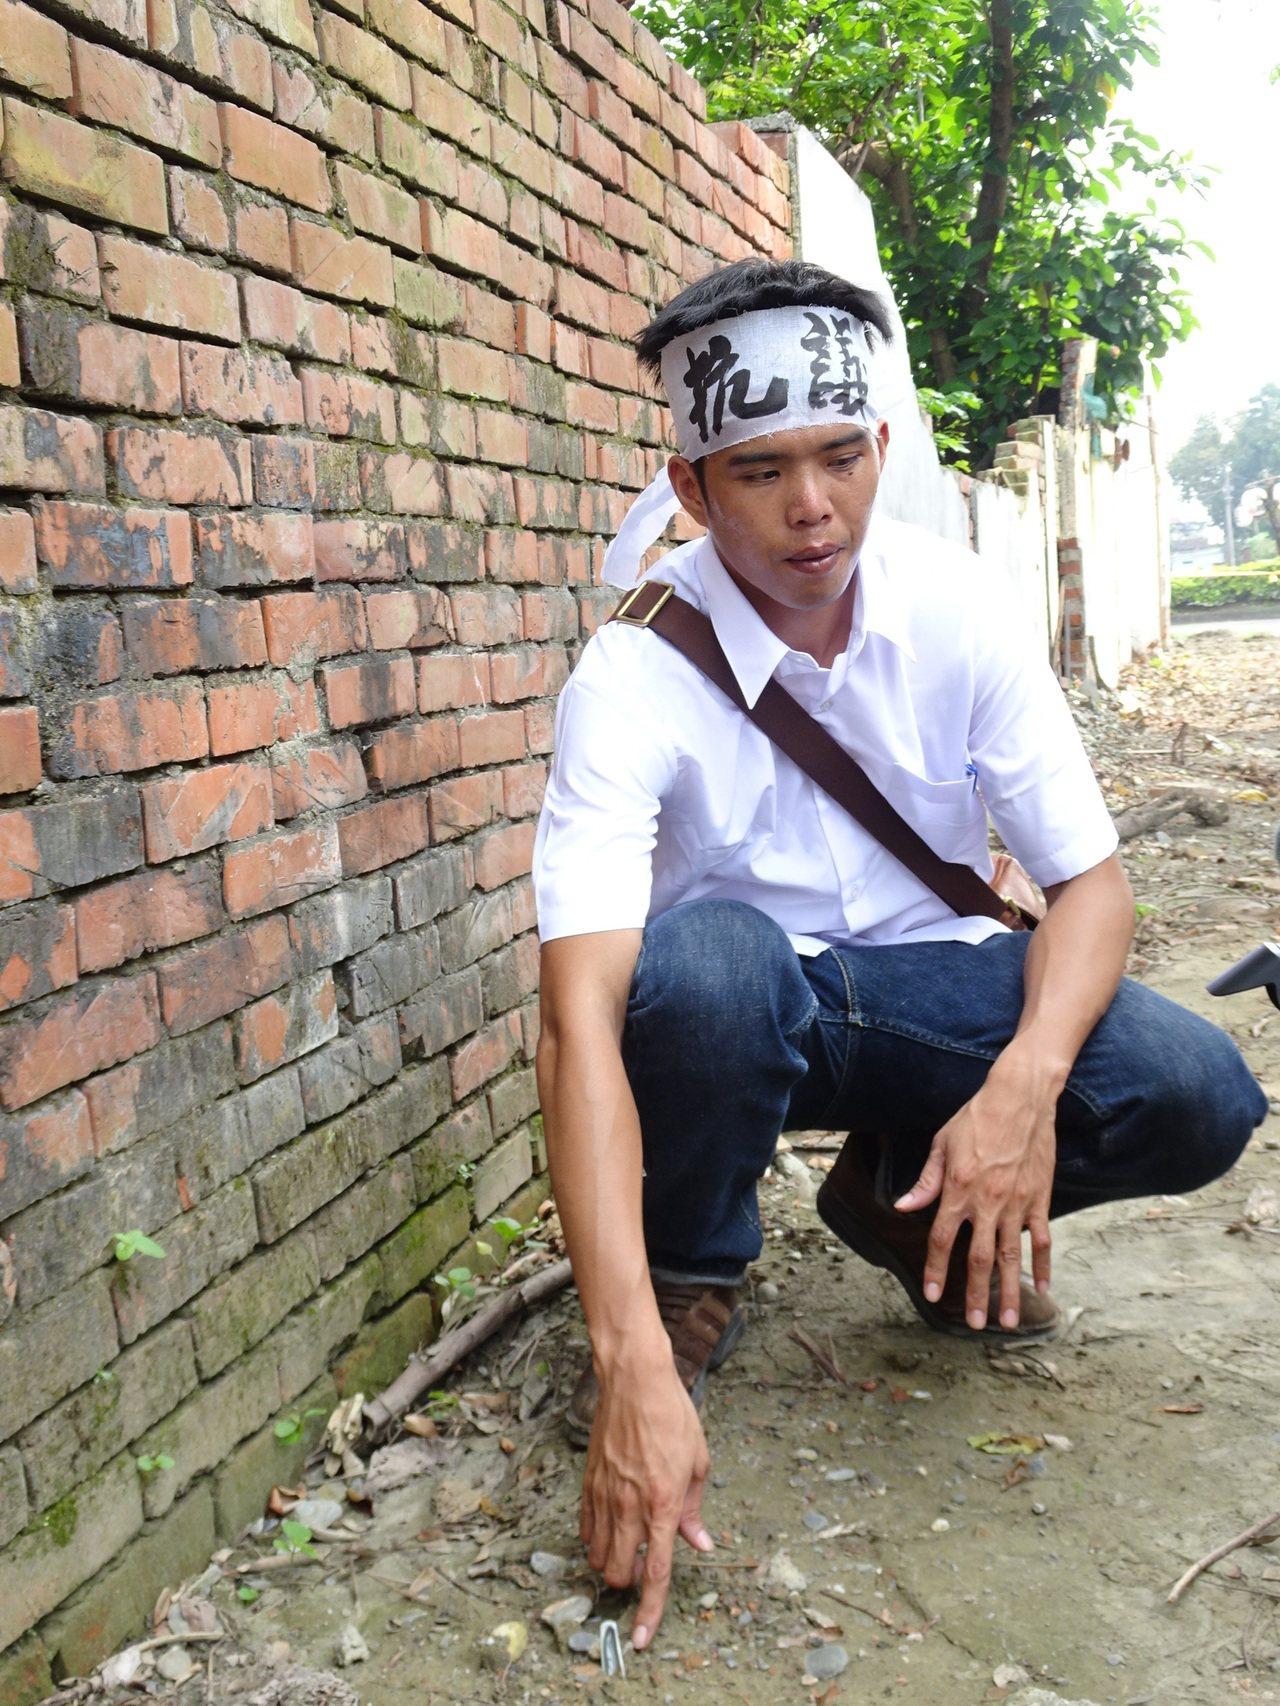 南藝大研究所學生曾鵬璇發現眷村地表就有清朝瓷器的碎片。記者翁禎霞/攝影